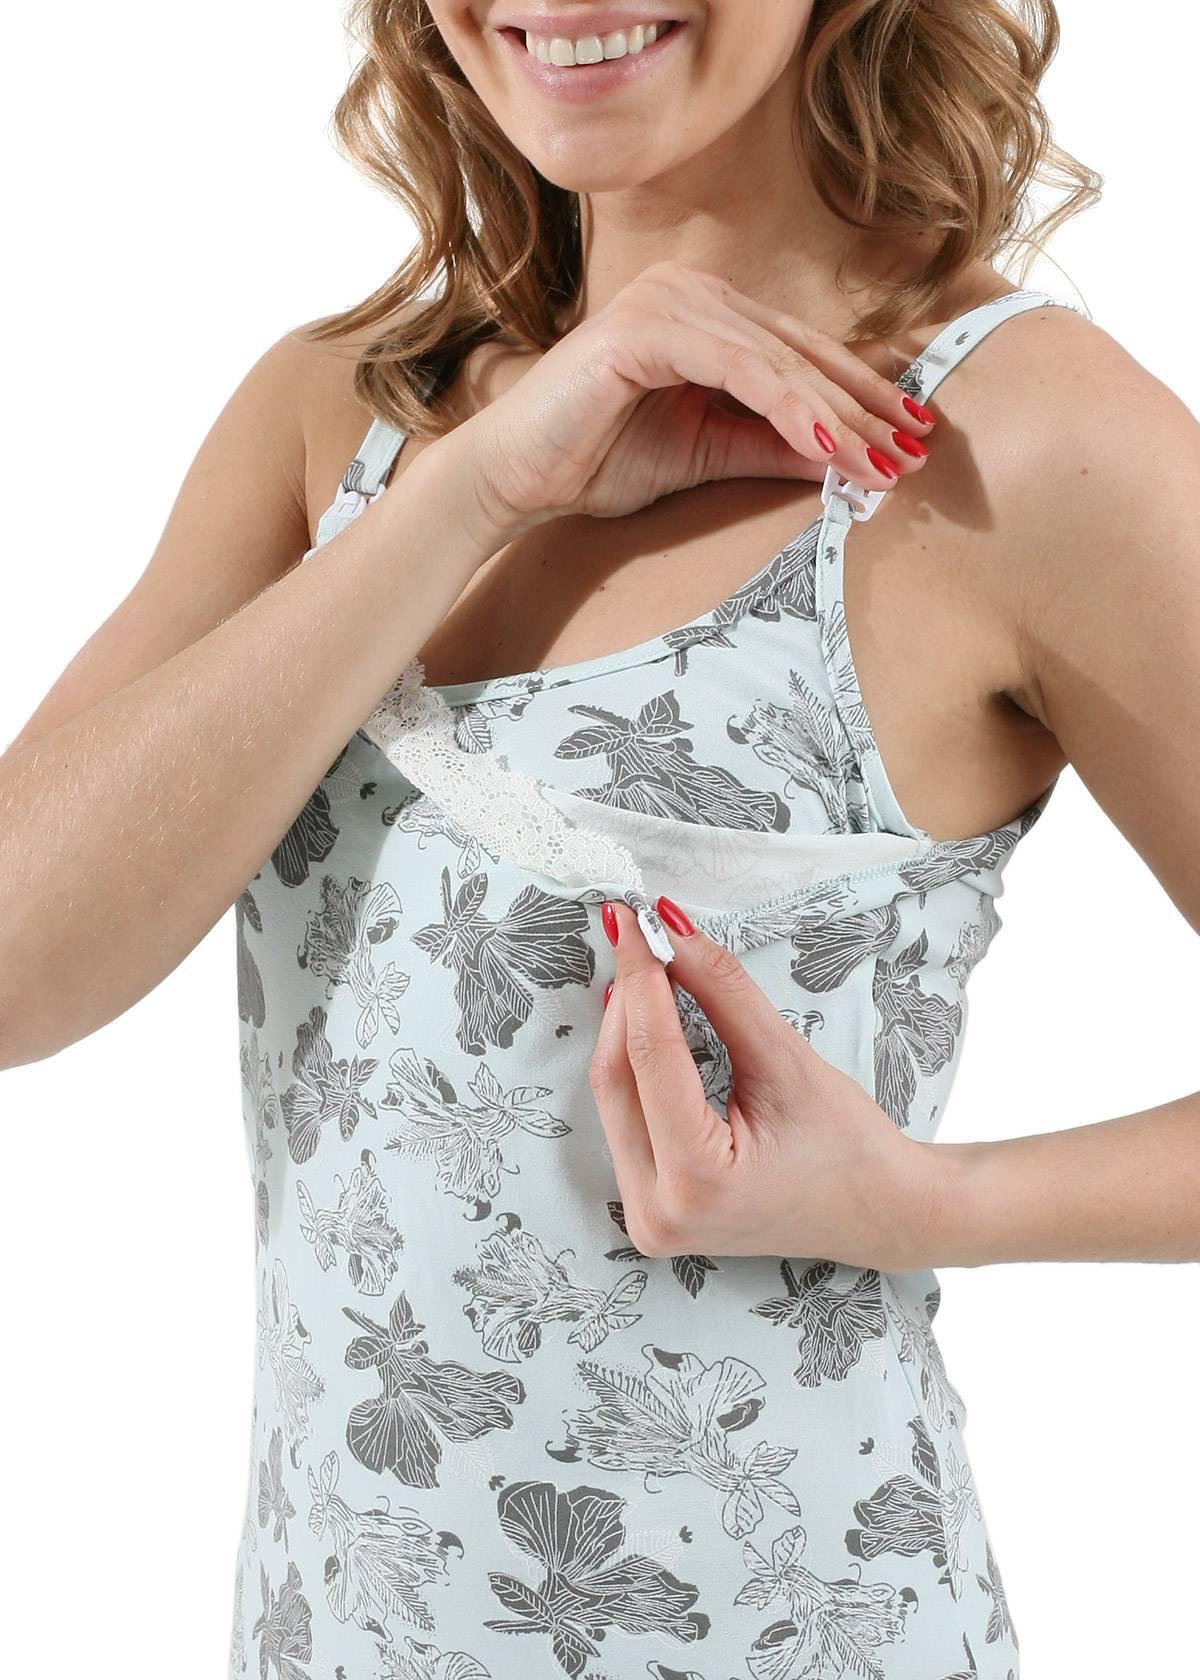 Лифчик для кормления: когда покупать и как выбрать? нужен ли лифчик для кормления грудью?